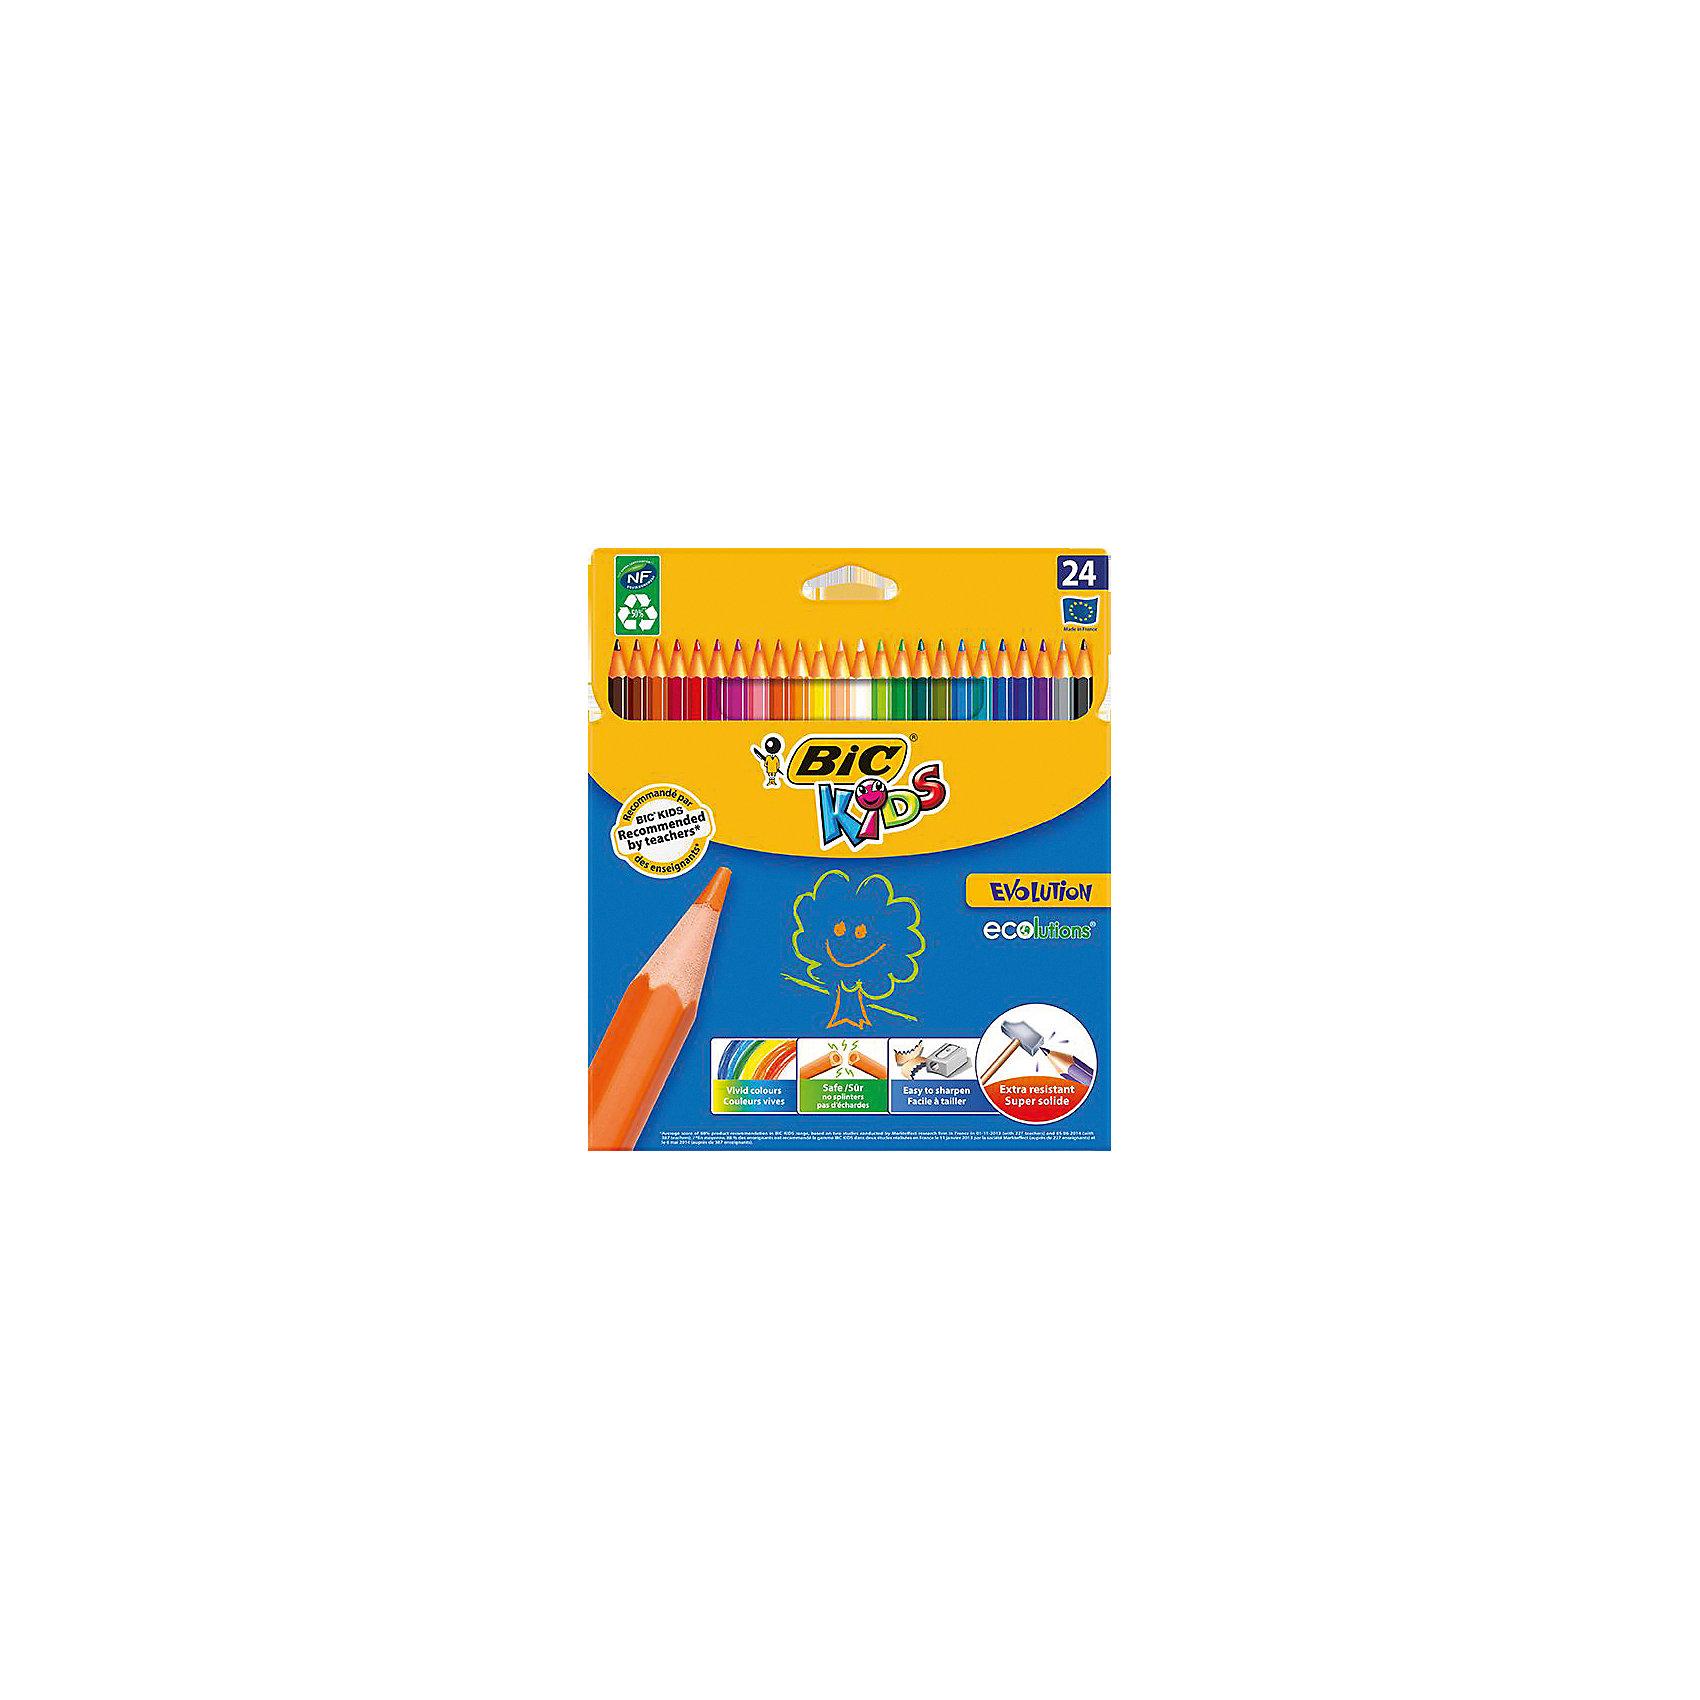 Цветные карандаши  Evolution Kids, 24 цв., BICЦветные заточенные карандаши специально для маленьких детей. Грифели не ломаются при падении. Удобное, легкое использование, без сильного надавливания.<br>Такой набор карандашей будет прекрасным подарком для Вашего ребенка!<br><br>Дополнительная информация:<br><br>- В наборе 24 цвета.<br>- Материал корпуса - пластик.<br>- Ударопрочный грифель.<br>- Шестигранный корпус.<br>- Заточенные наконечники.<br><br>Купить цветные карандаши  Evolution Kids BIC   можно в нашем магазине.<br><br>Ширина мм: 212<br>Глубина мм: 187<br>Высота мм: 12<br>Вес г: 145<br>Возраст от месяцев: 60<br>Возраст до месяцев: 96<br>Пол: Унисекс<br>Возраст: Детский<br>SKU: 4231713